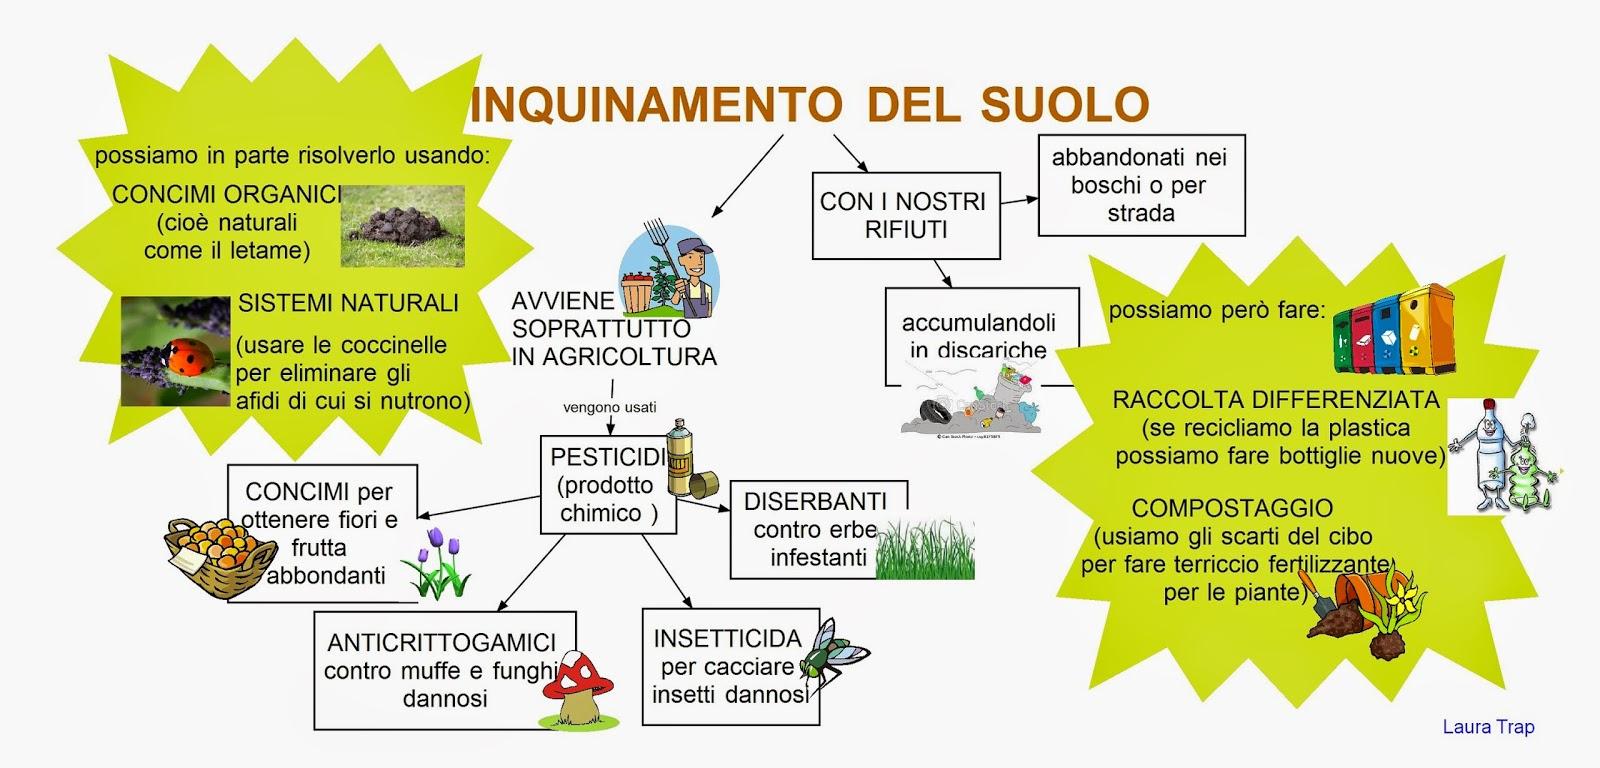 Inquinamento Del Suolo Mappa Concettuale Inquinamento Del Suolo Seconda